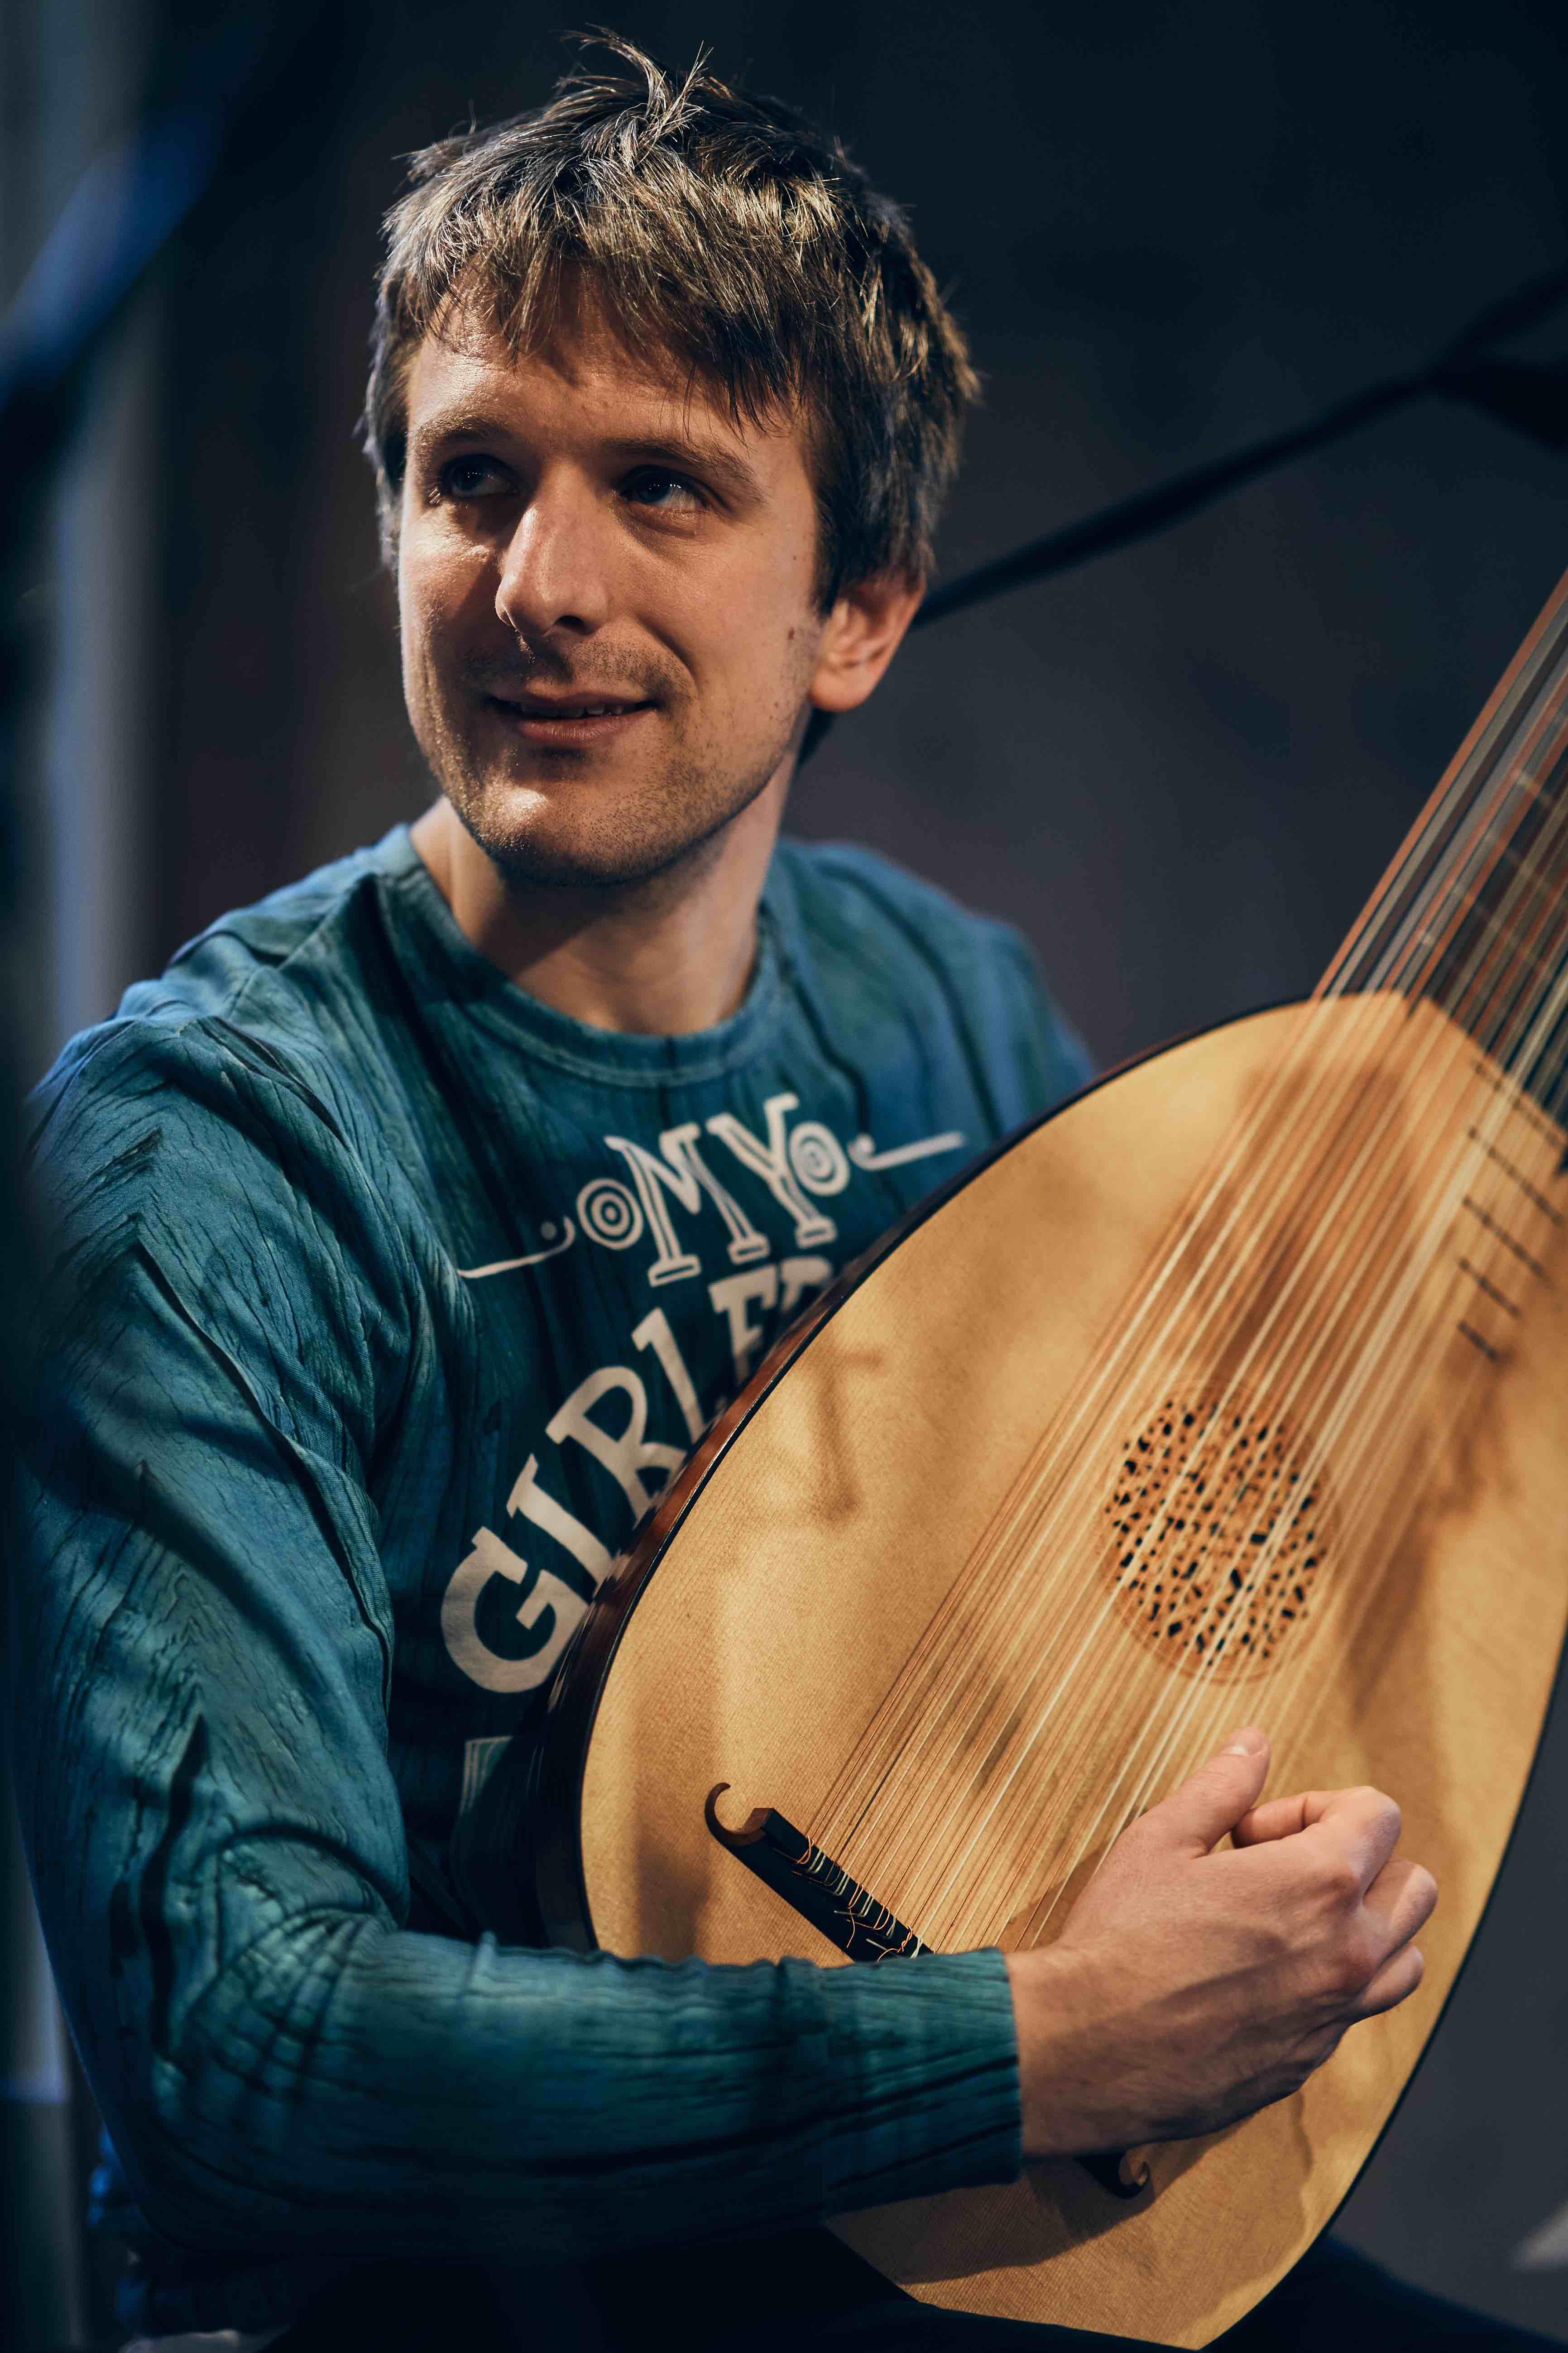 Jadran Duncumb